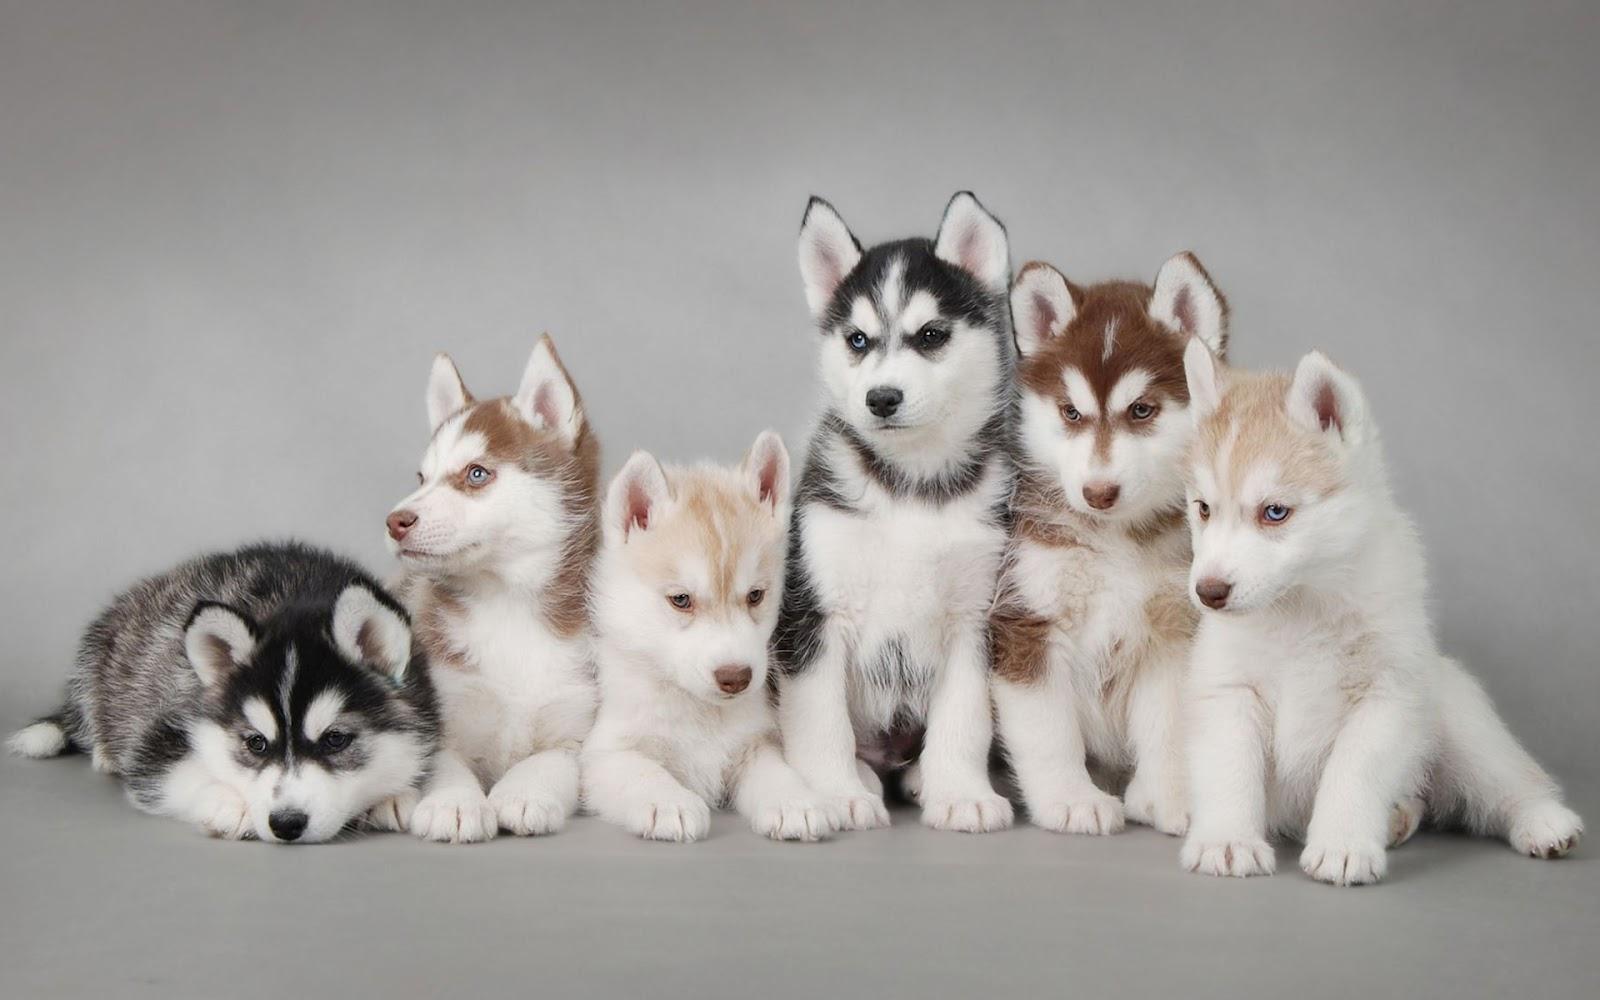 Cachorros-Husky_Imagenes-de-Mascotas